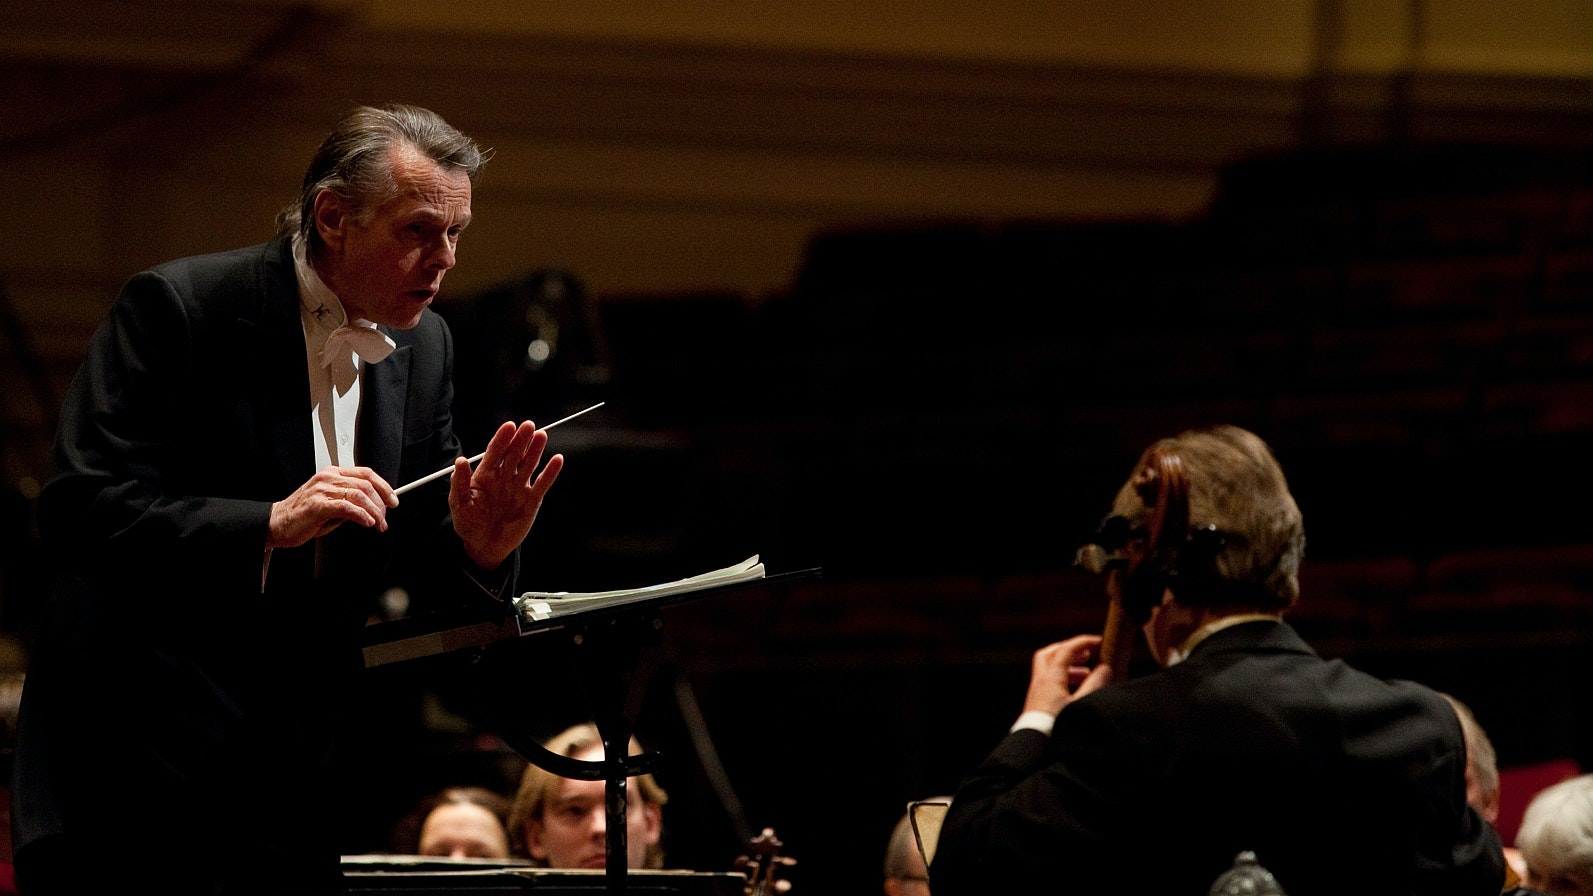 Mariss Jansons conducts Richard Strauss